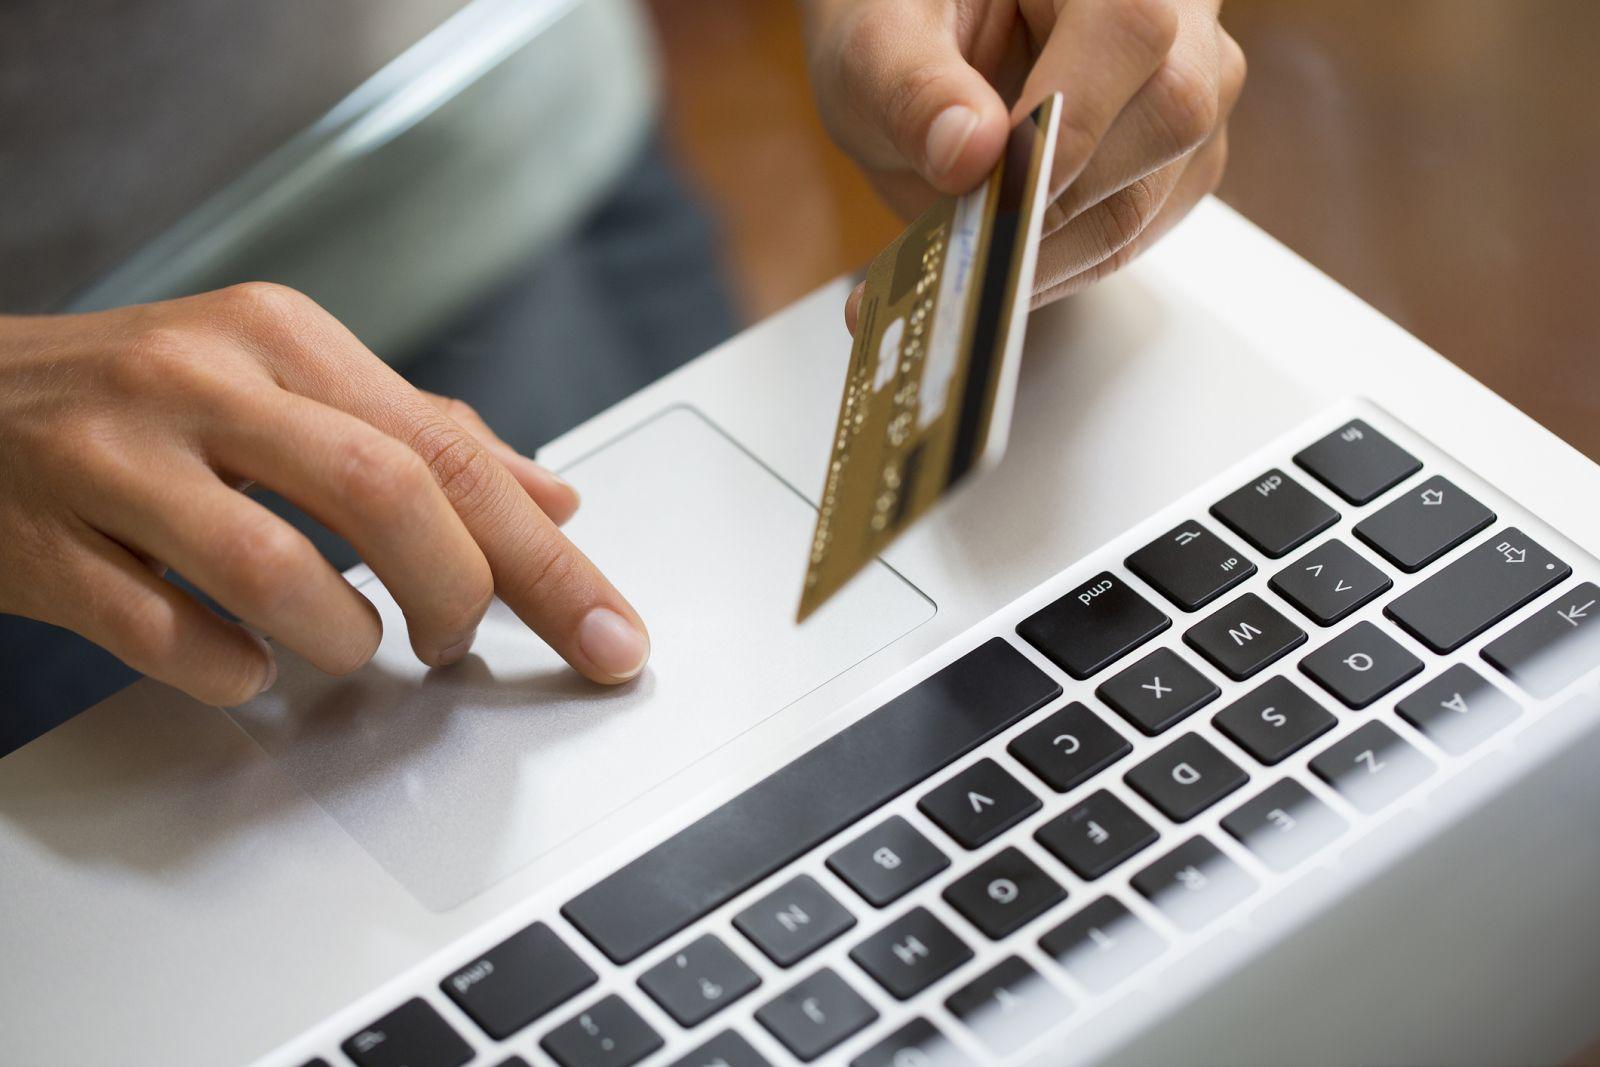 Η Διεύθυνση Δίωξης Ηλεκτρονικού Εγκλήματος ενημερώνει τους πολίτες με σκοπό την αποφυγή εξαπάτησής τους κατά τις συναλλαγές τους στο διαδίκτυο